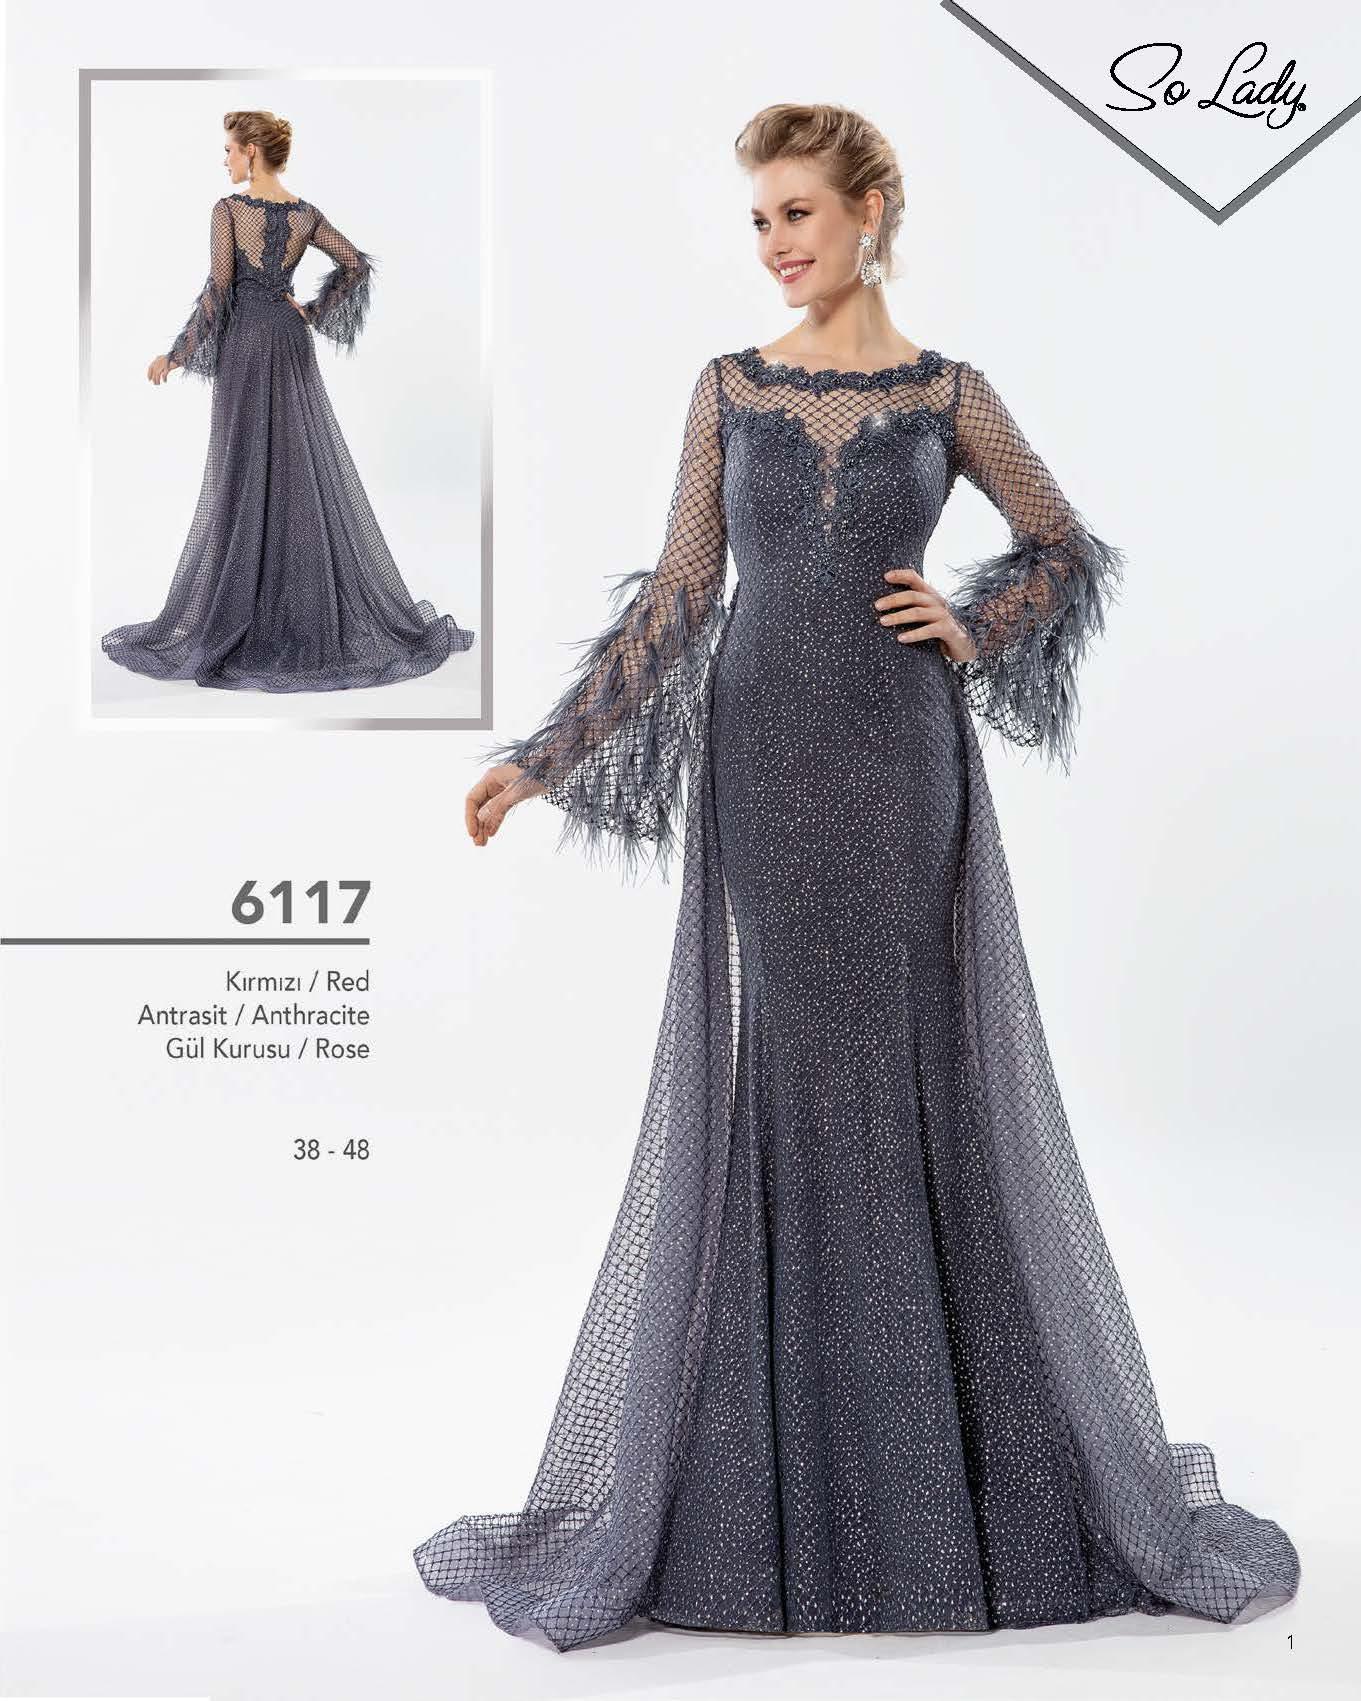 10 Spektakulär Braut Und Abendkleider Stylish15 Spektakulär Braut Und Abendkleider Ärmel